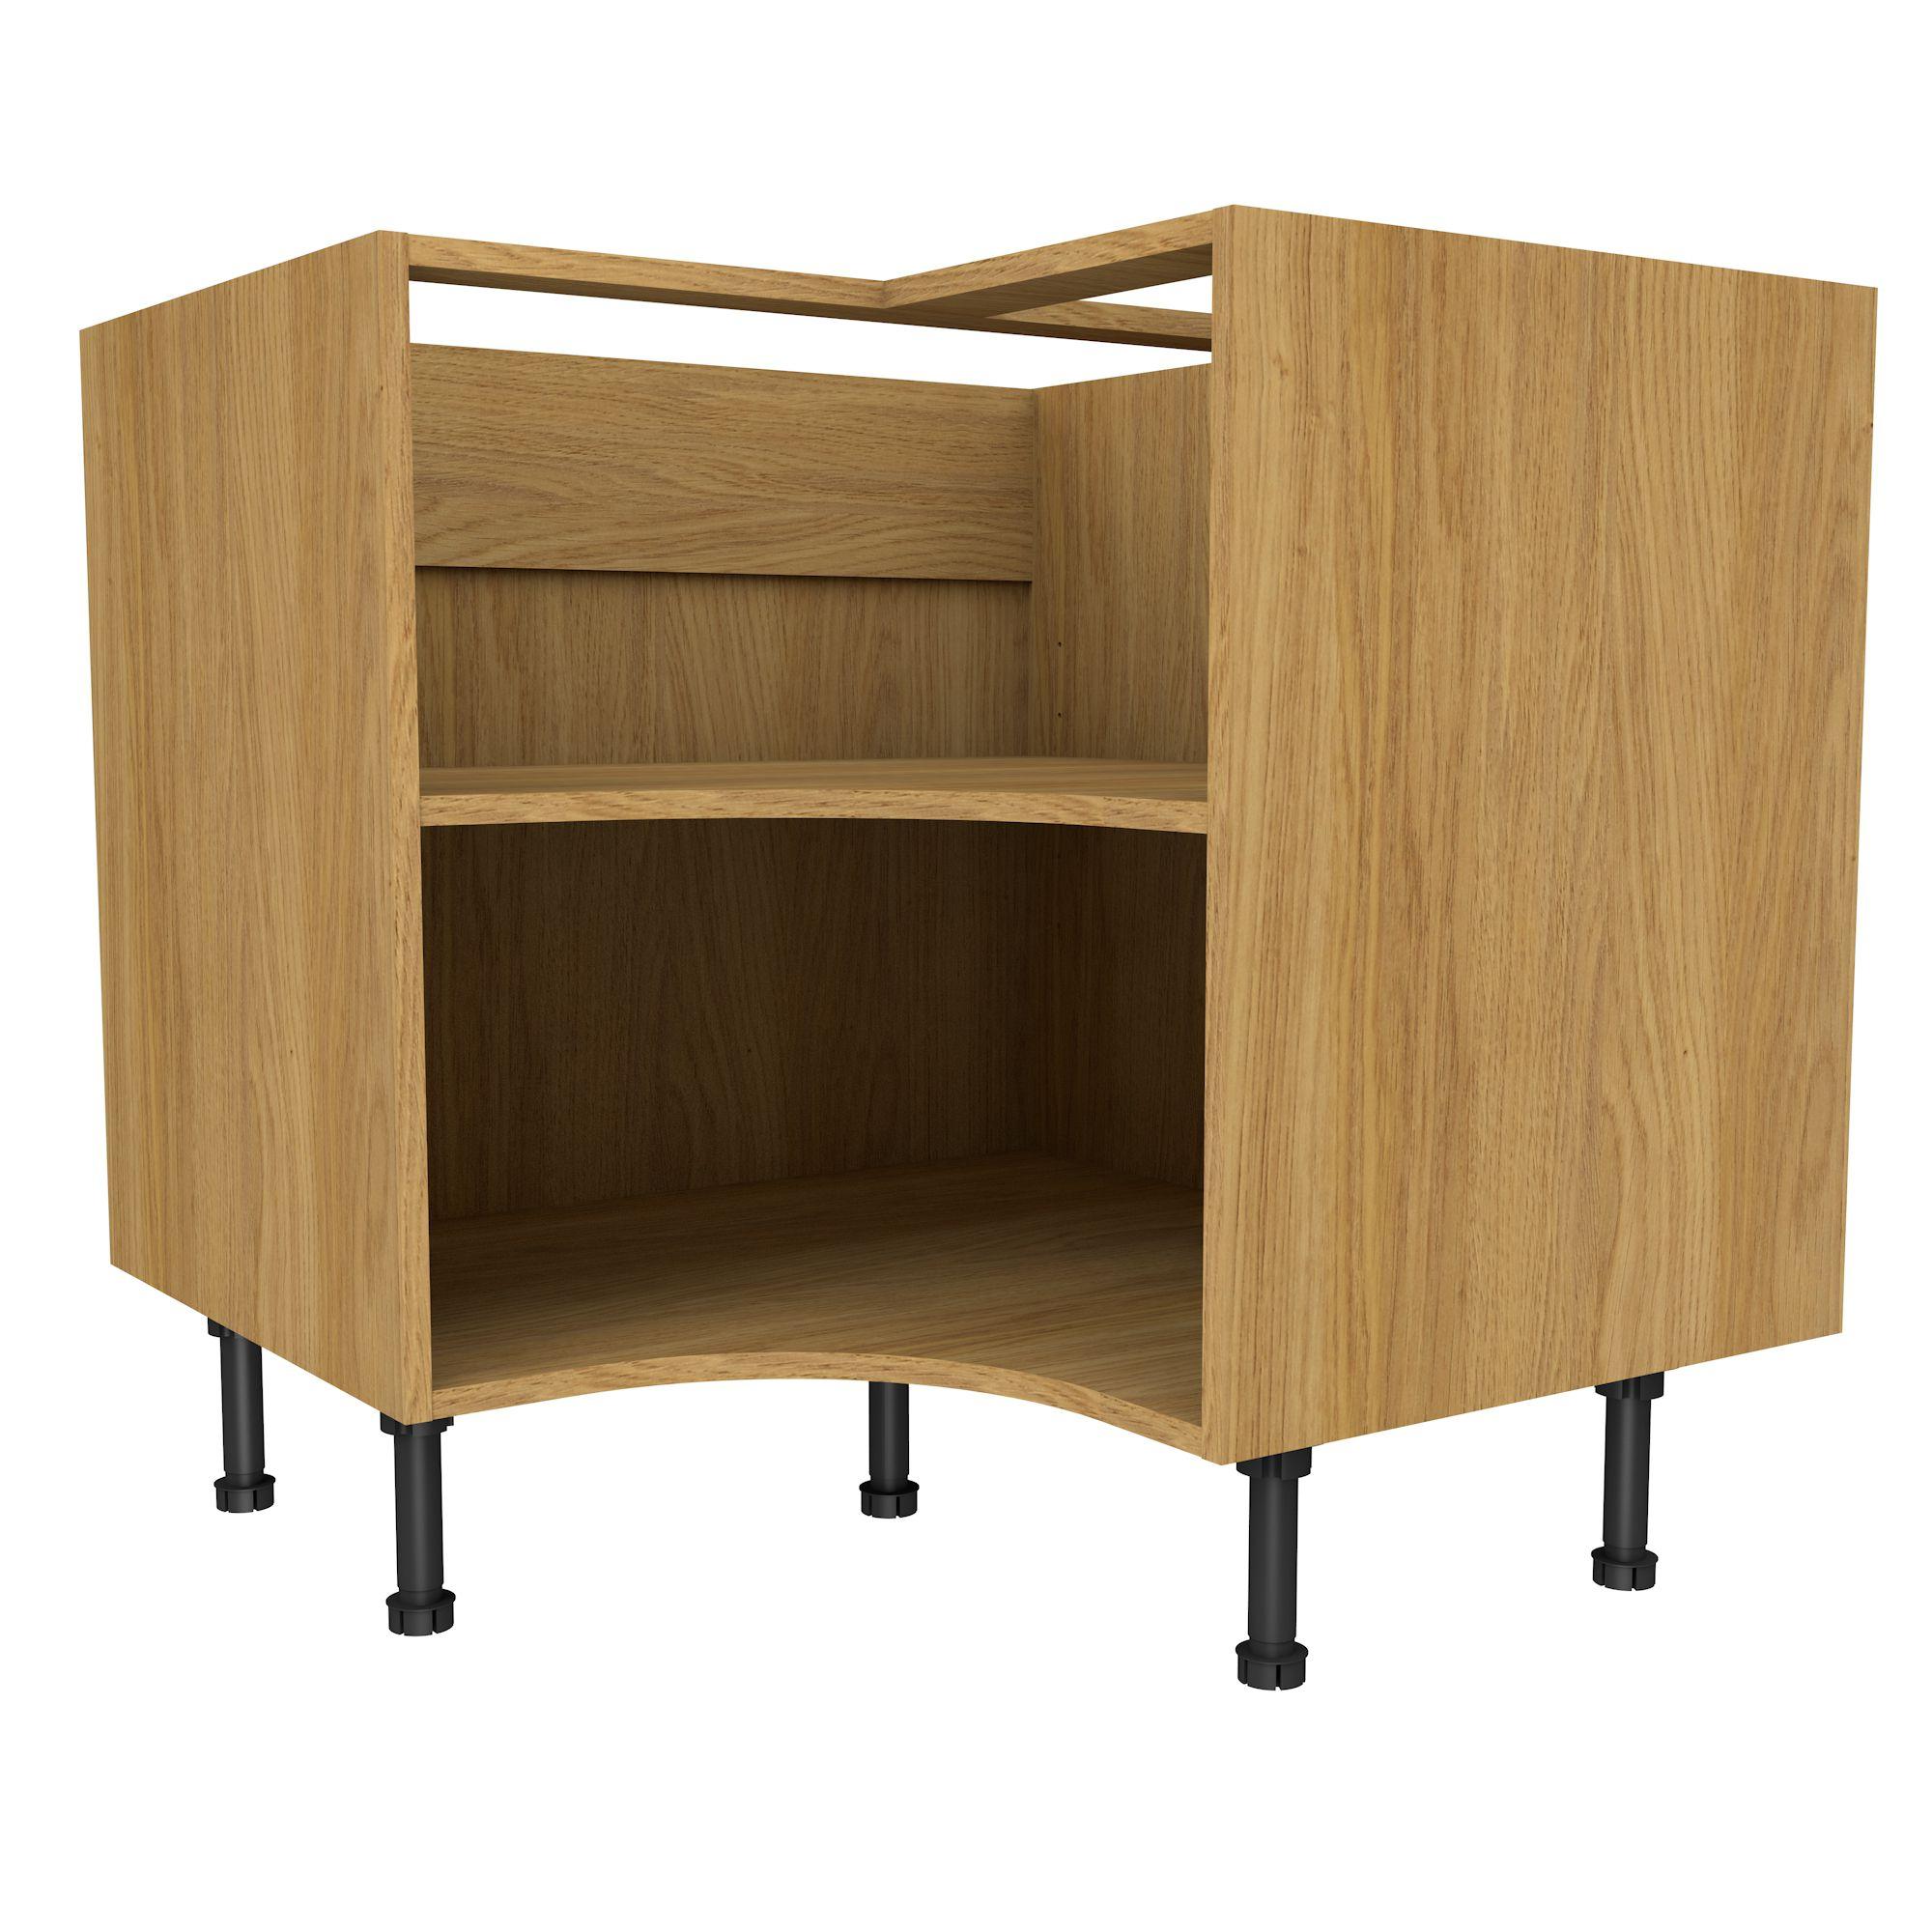 Cooke Lewis Oak Effect Curved Corner Base Cabinet W 925mm